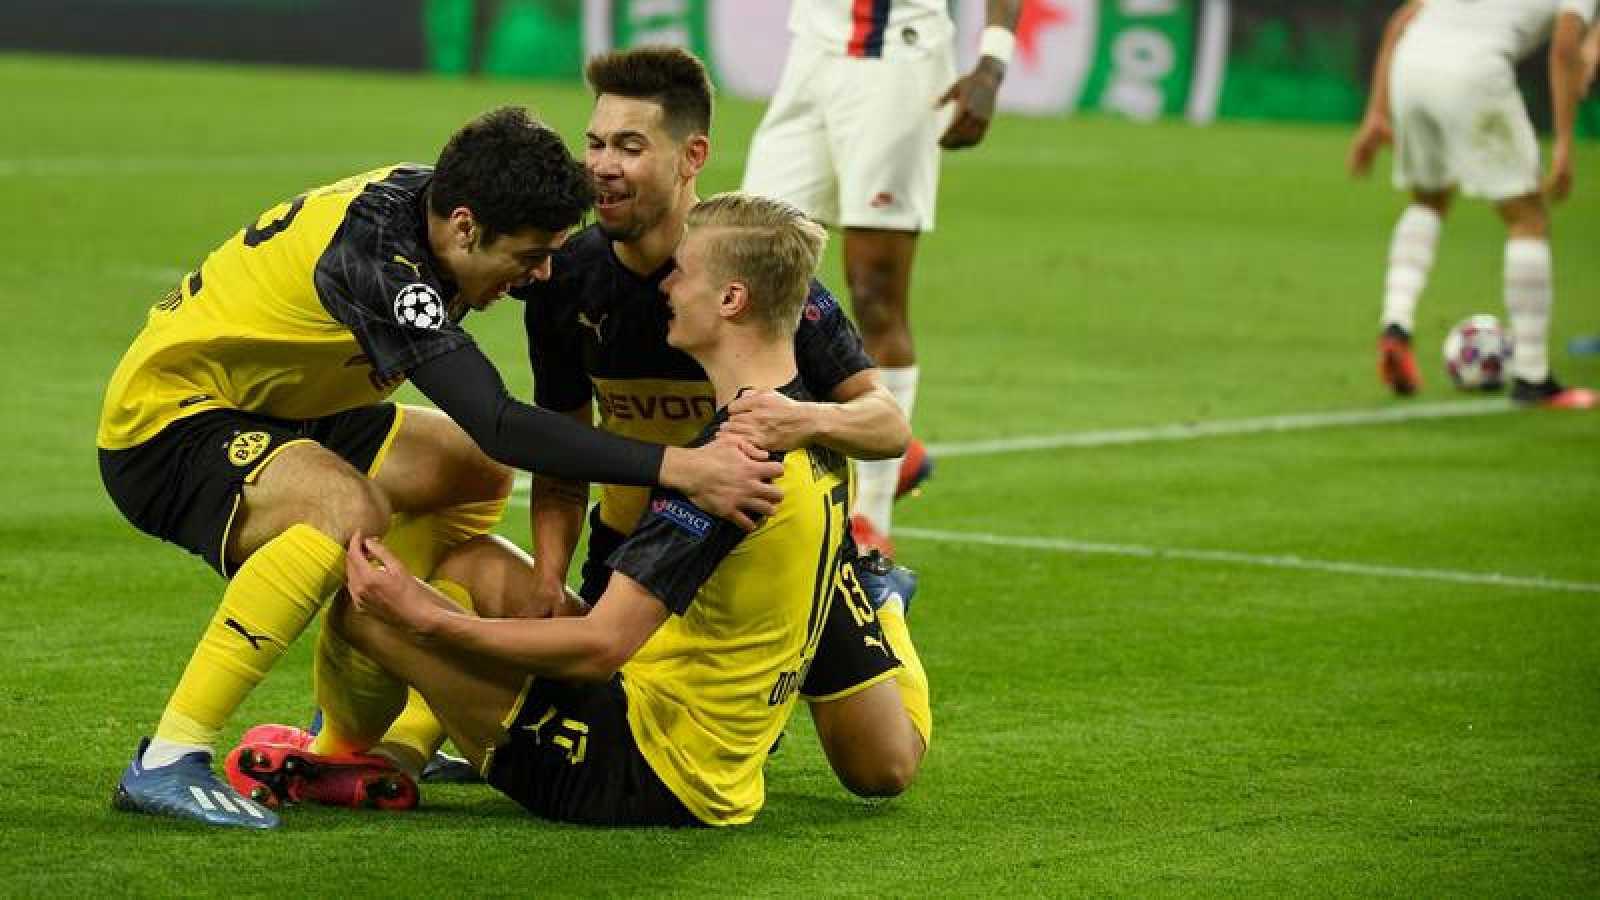 El jugador del Borussia Dortmund es felicitado por sus compañeros tras anotar el primer gol ante el PSG.